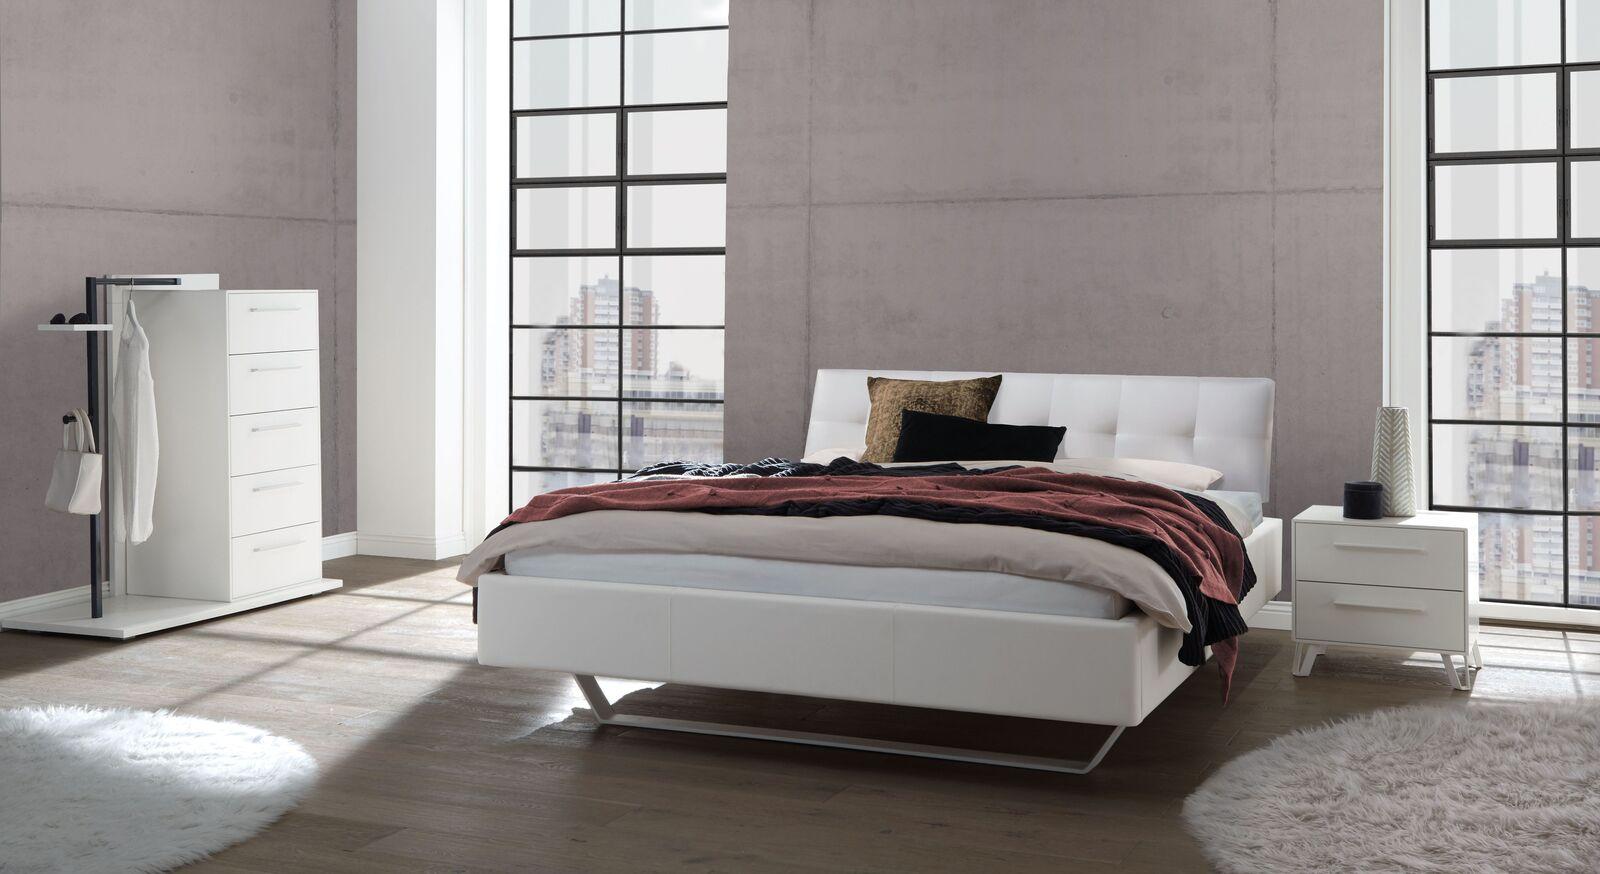 Passende Produkte zum Bett Liene